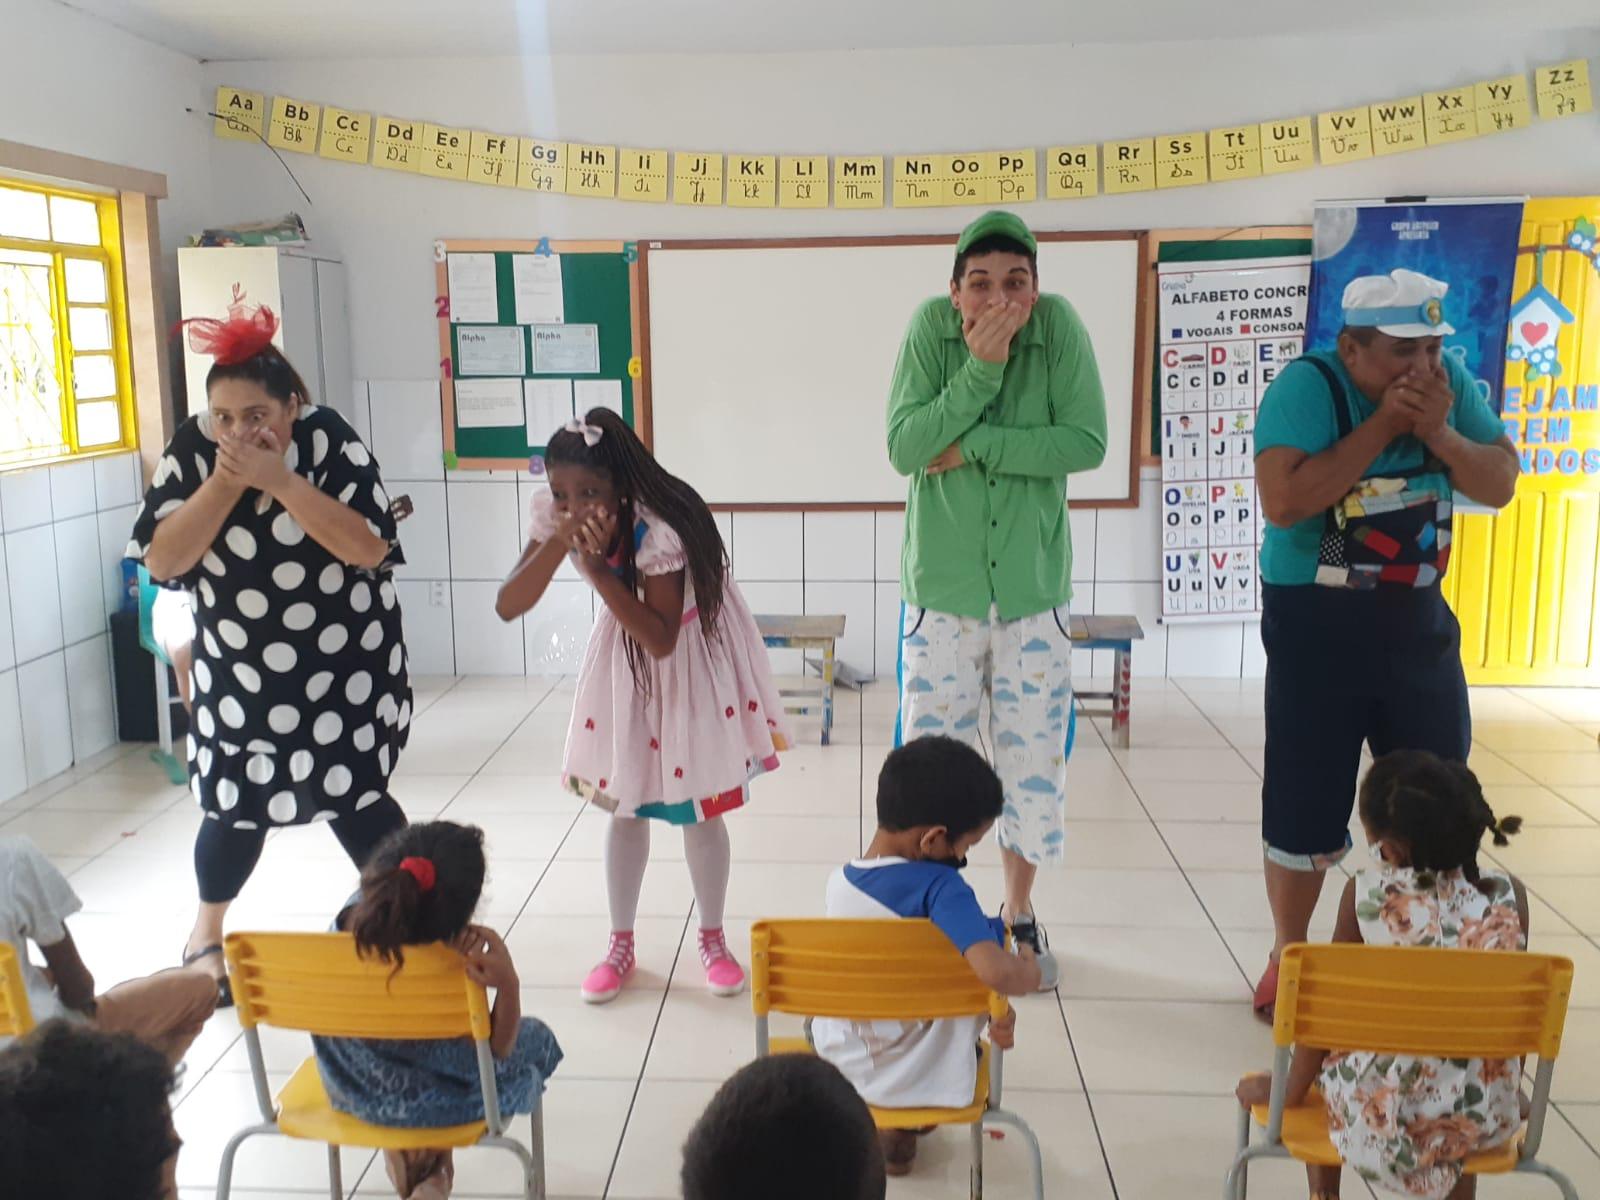 Crianças da zona rural de Araguaína recebem apresentação lúdica sobre resgate de brincadeiras e preservação do meio ambiente